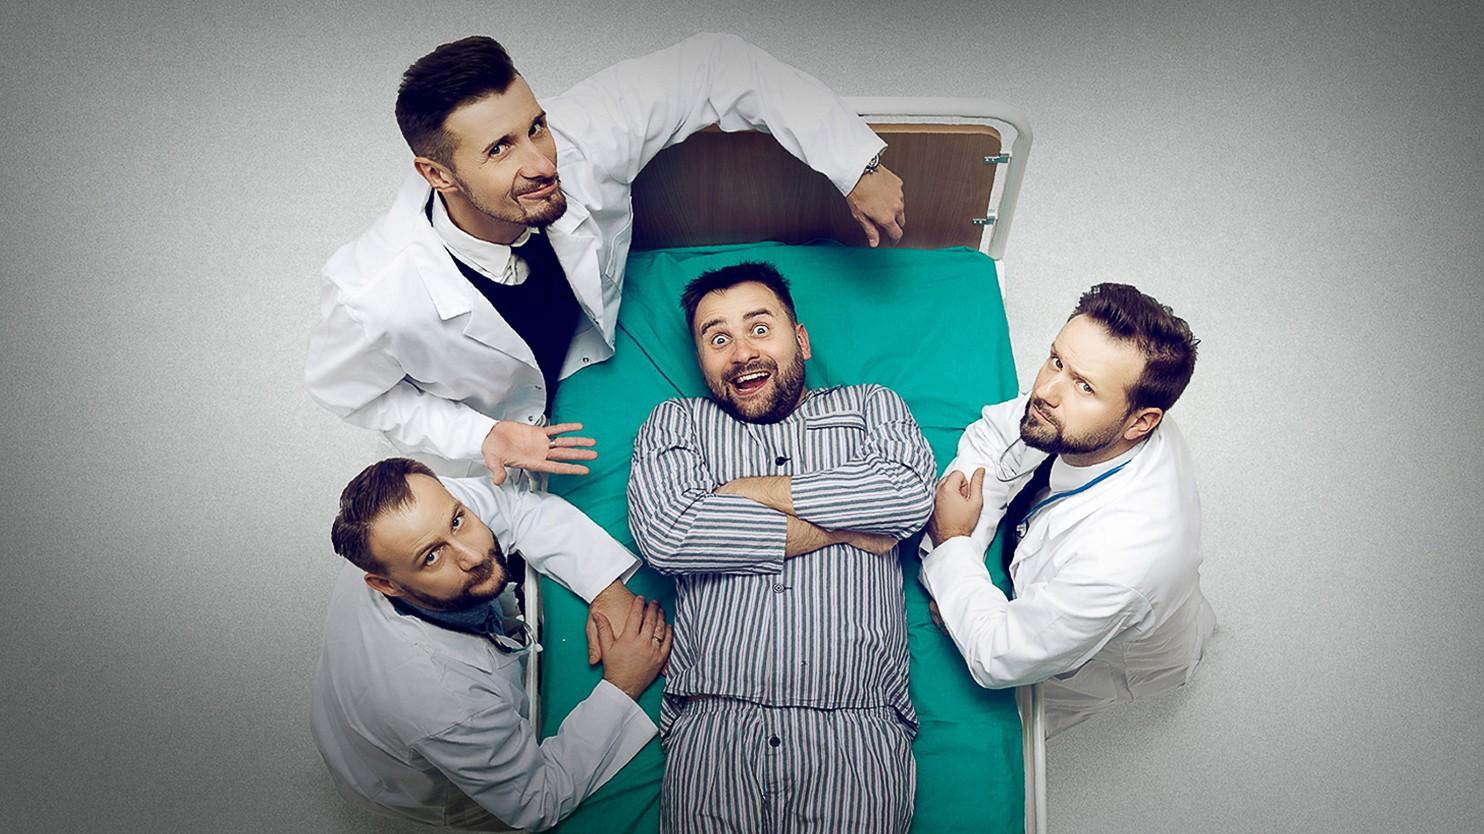 Klinika Skeczów Męczących otwarta! Działo się! - Polsat.pl